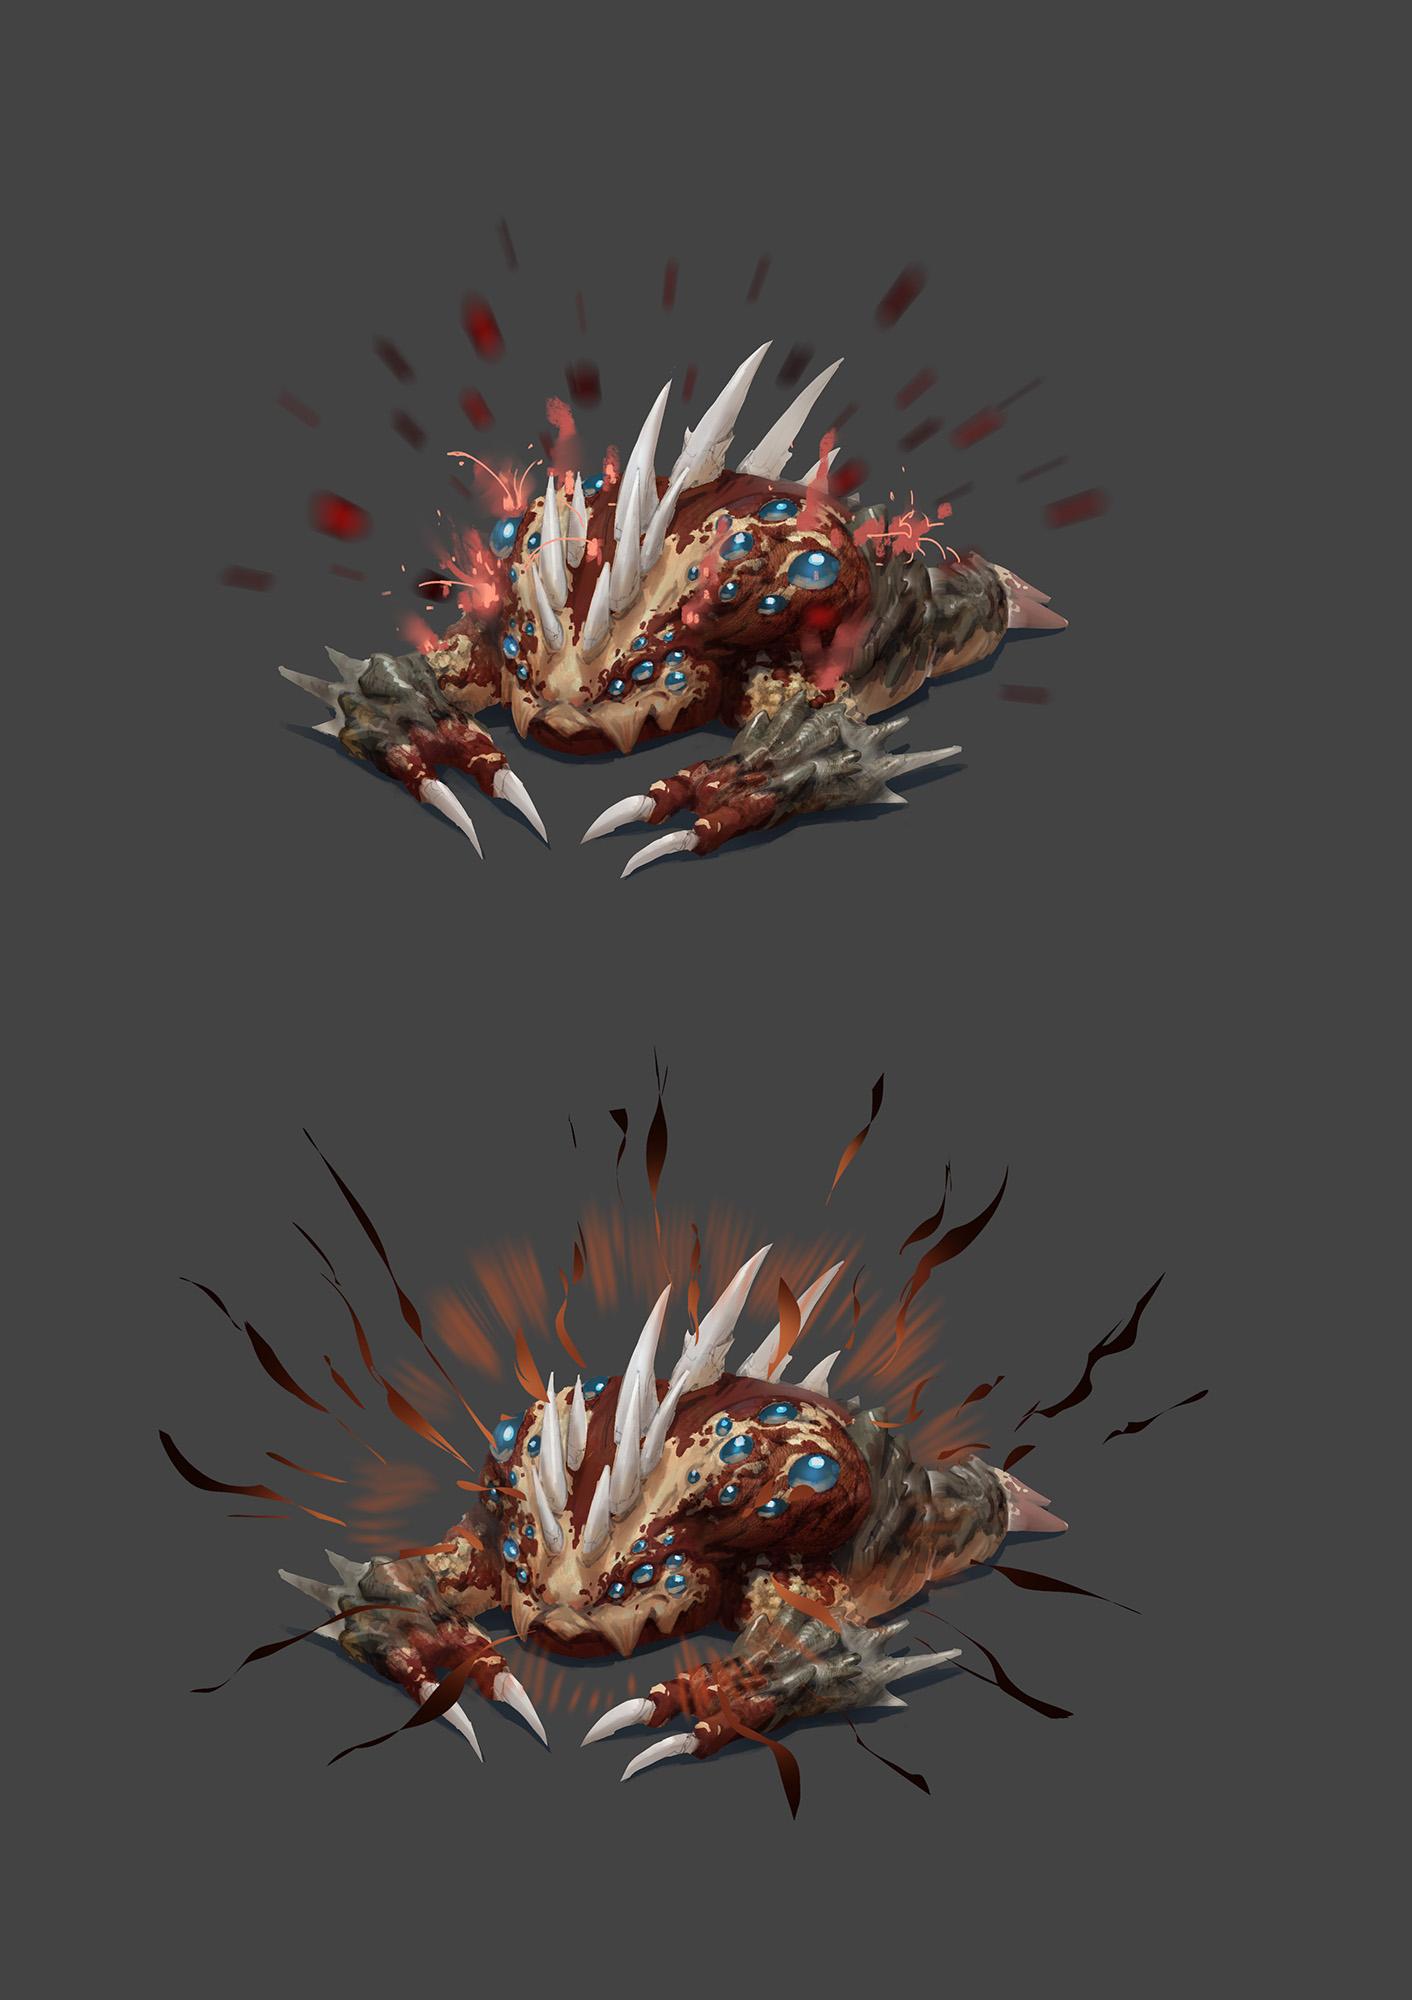 Character_Creatures_Extraterrestrial_Bracati_VFX_02.jpg